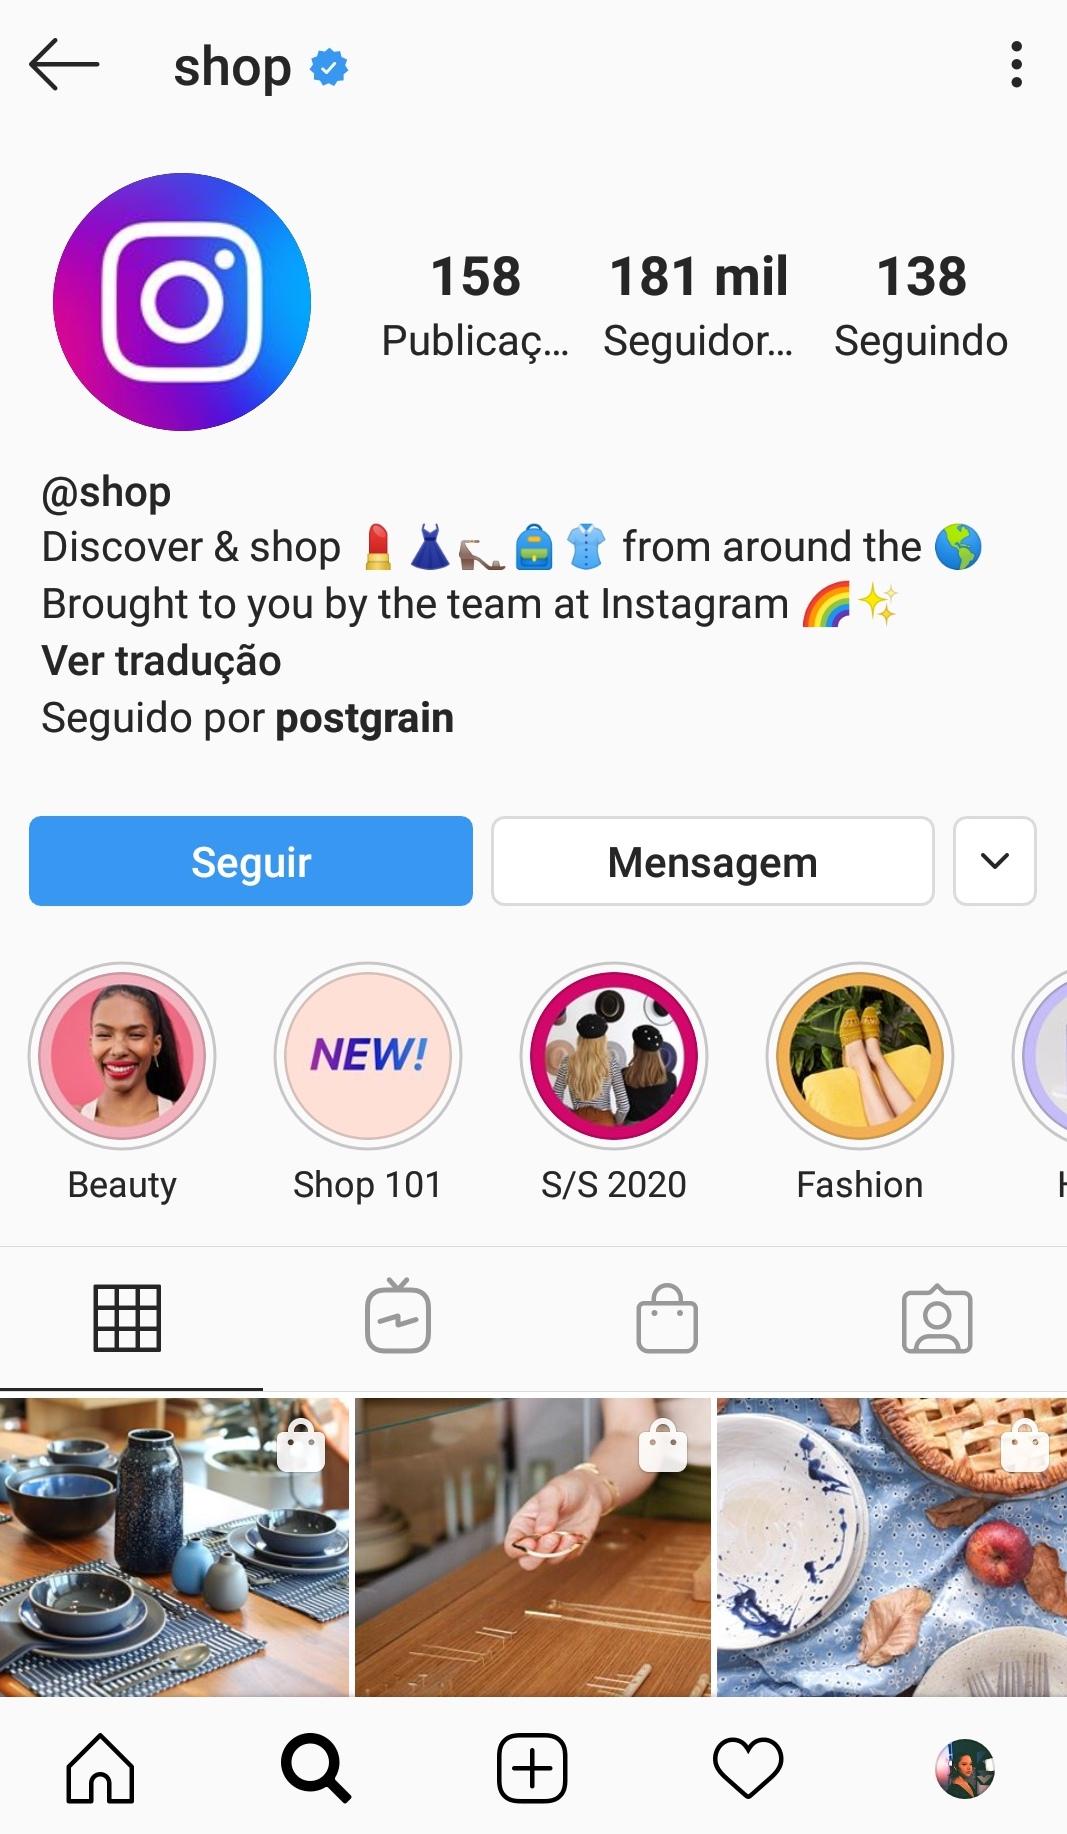 Captura de tela do perfil @shop do Instagram